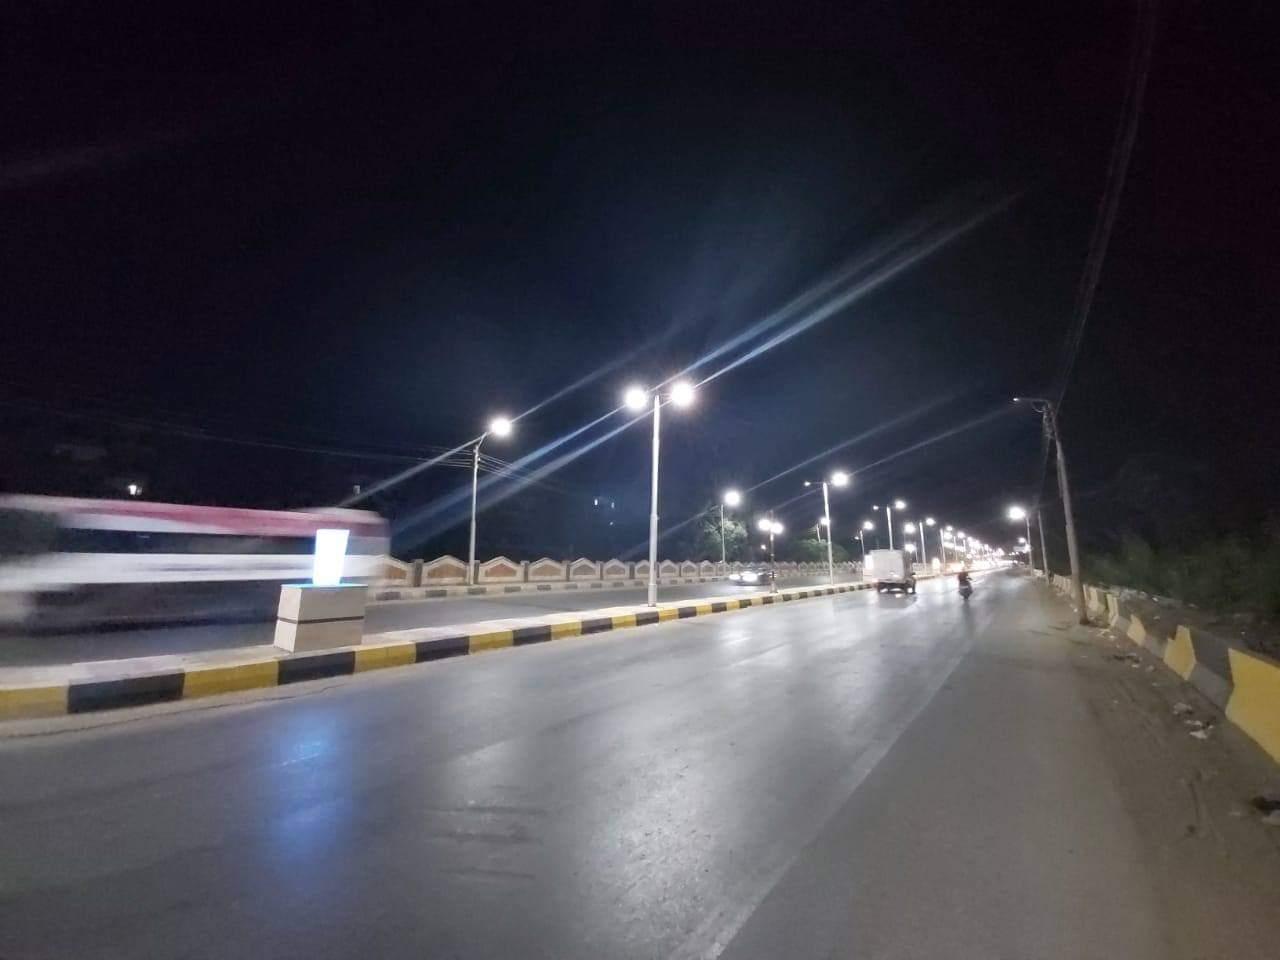 إنارة طريق السحارة بكشافات الليد ضمن مبادرة تطوير الشوارع (4)